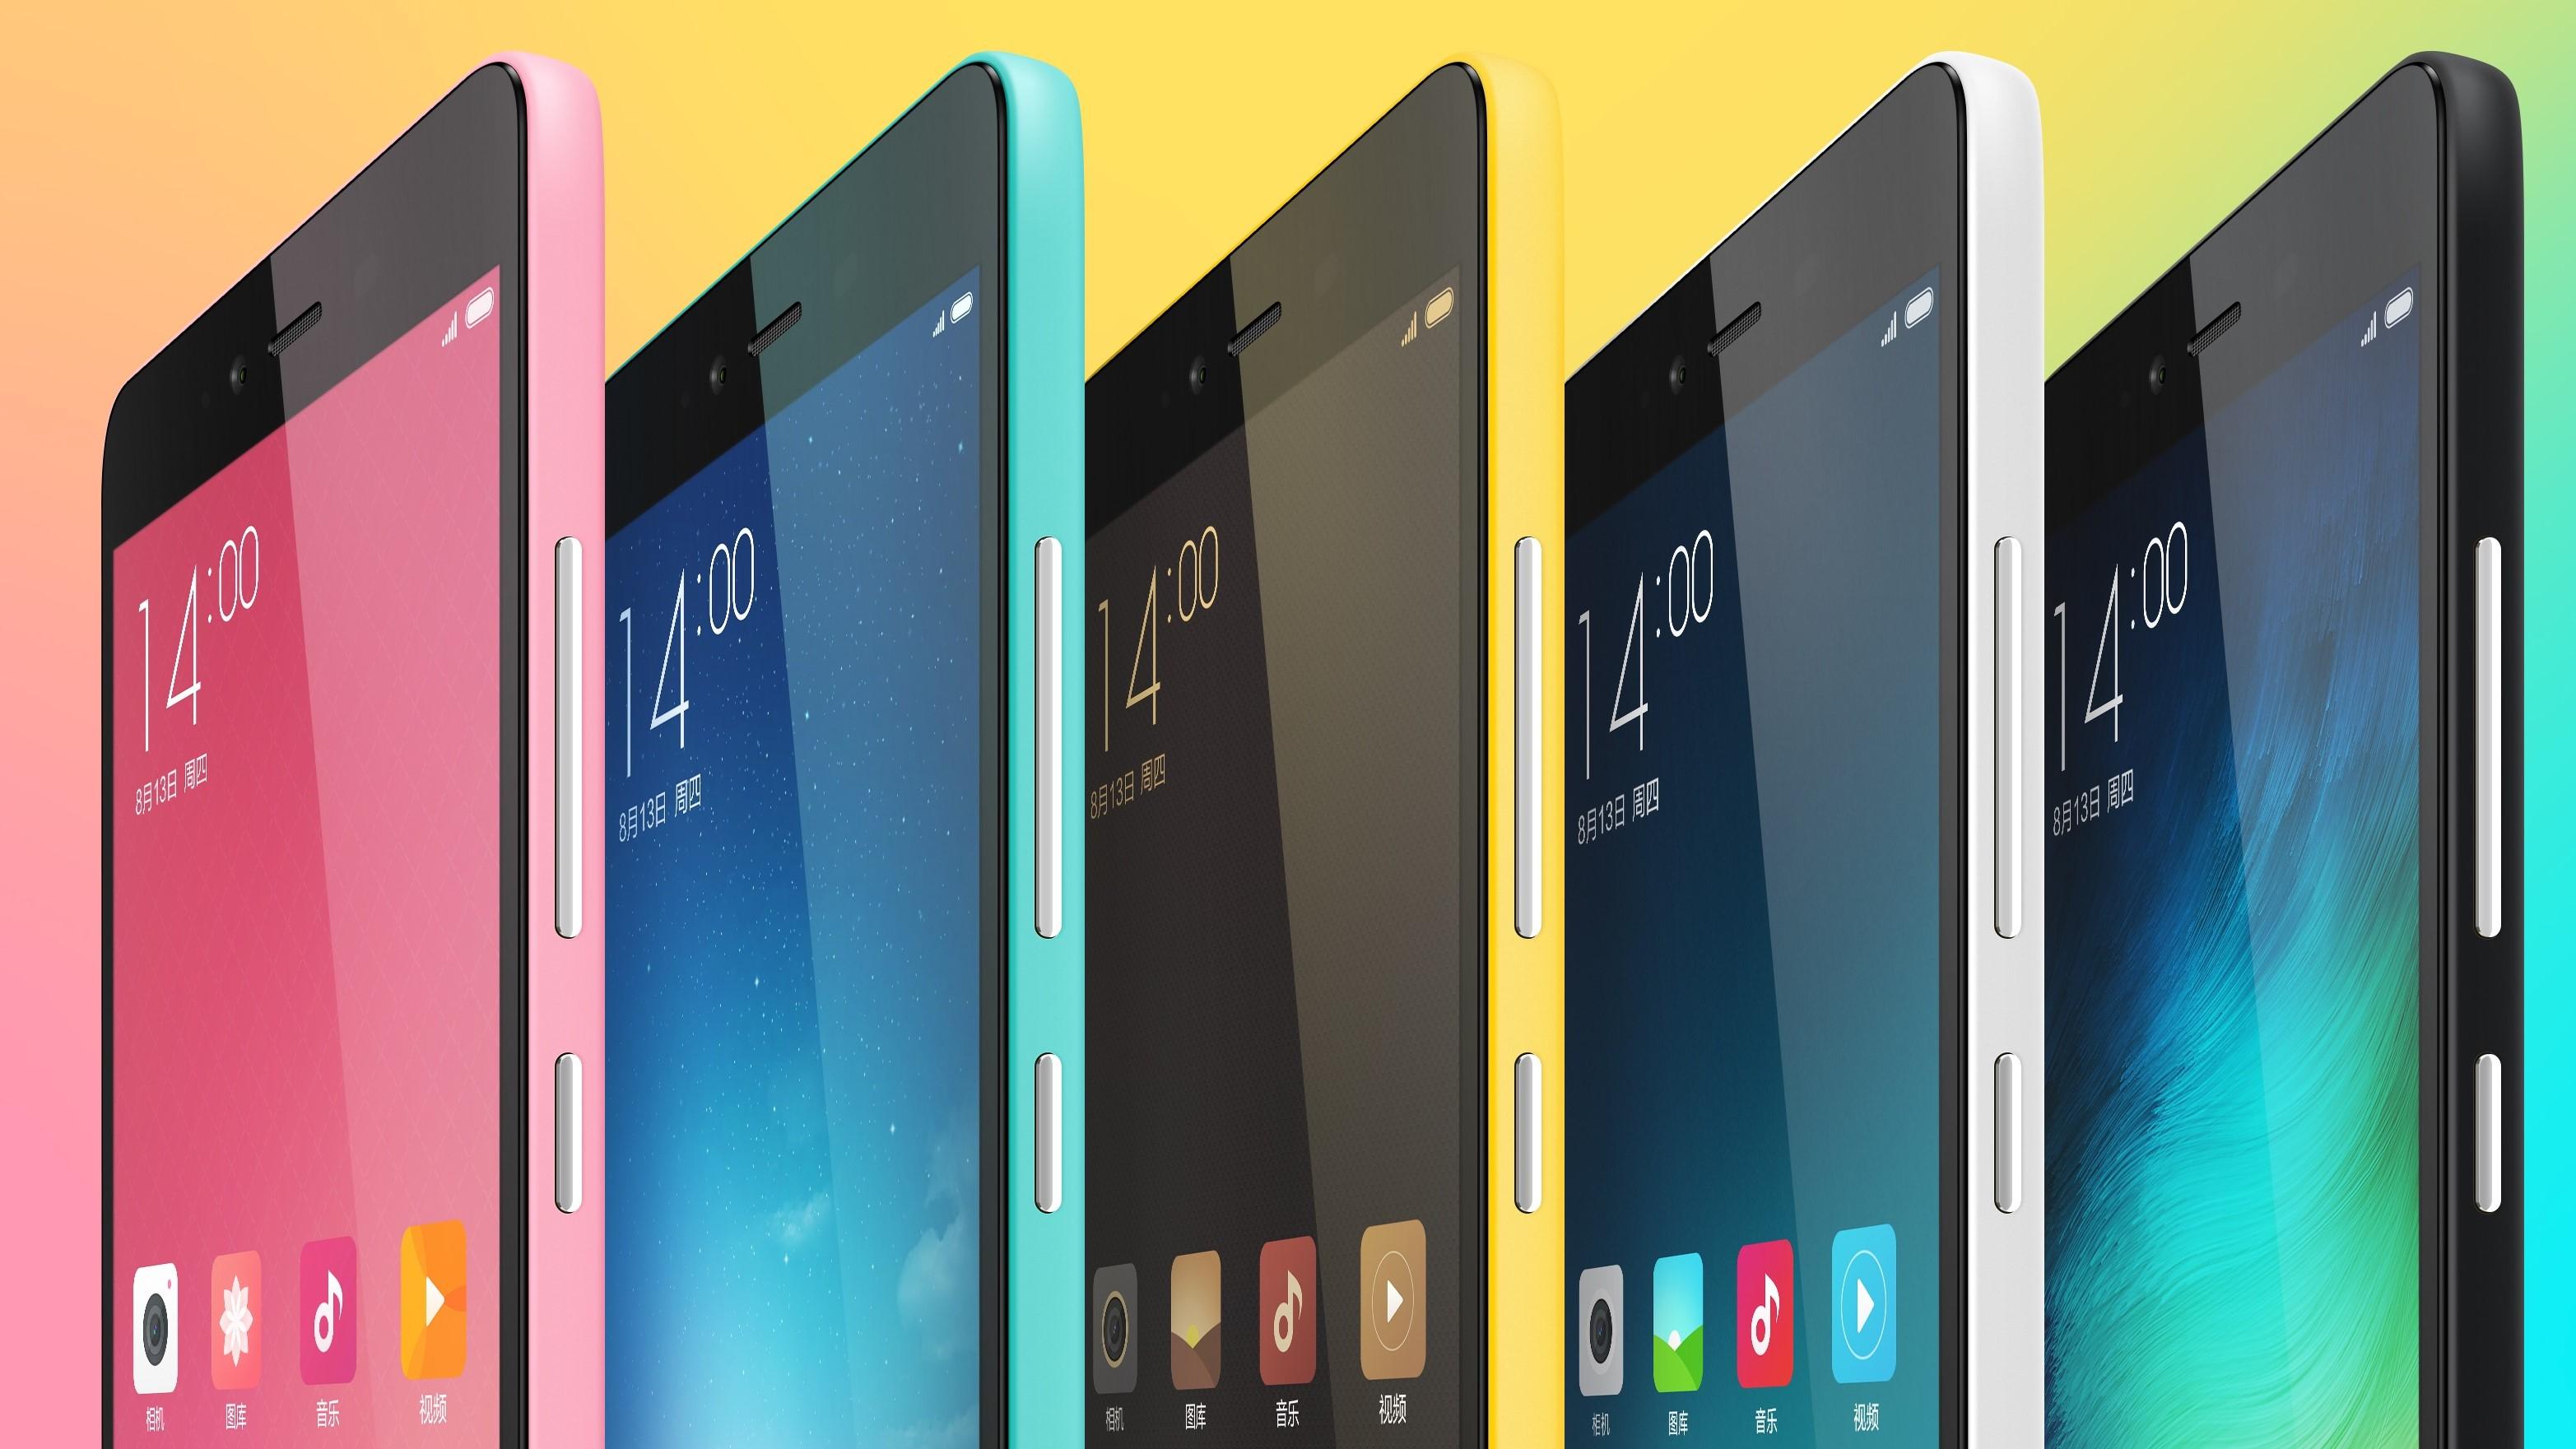 شتاب افزایش قیمت  تلفن همراه در حال حاضر گرفته شده است